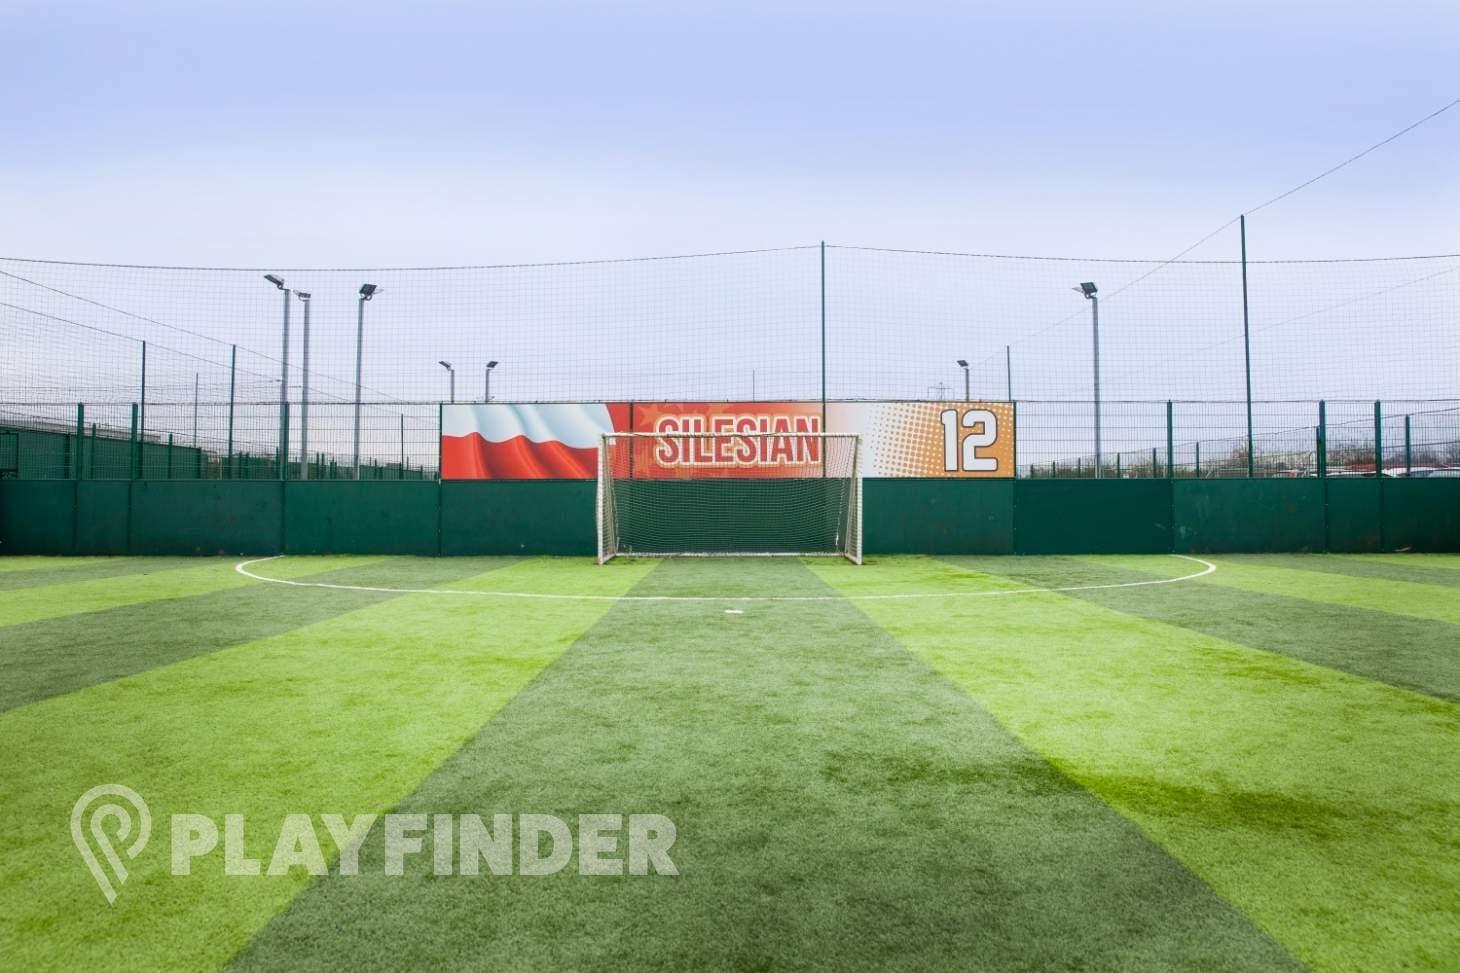 Goals Dagenham 8 a side | 3G Astroturf football pitch